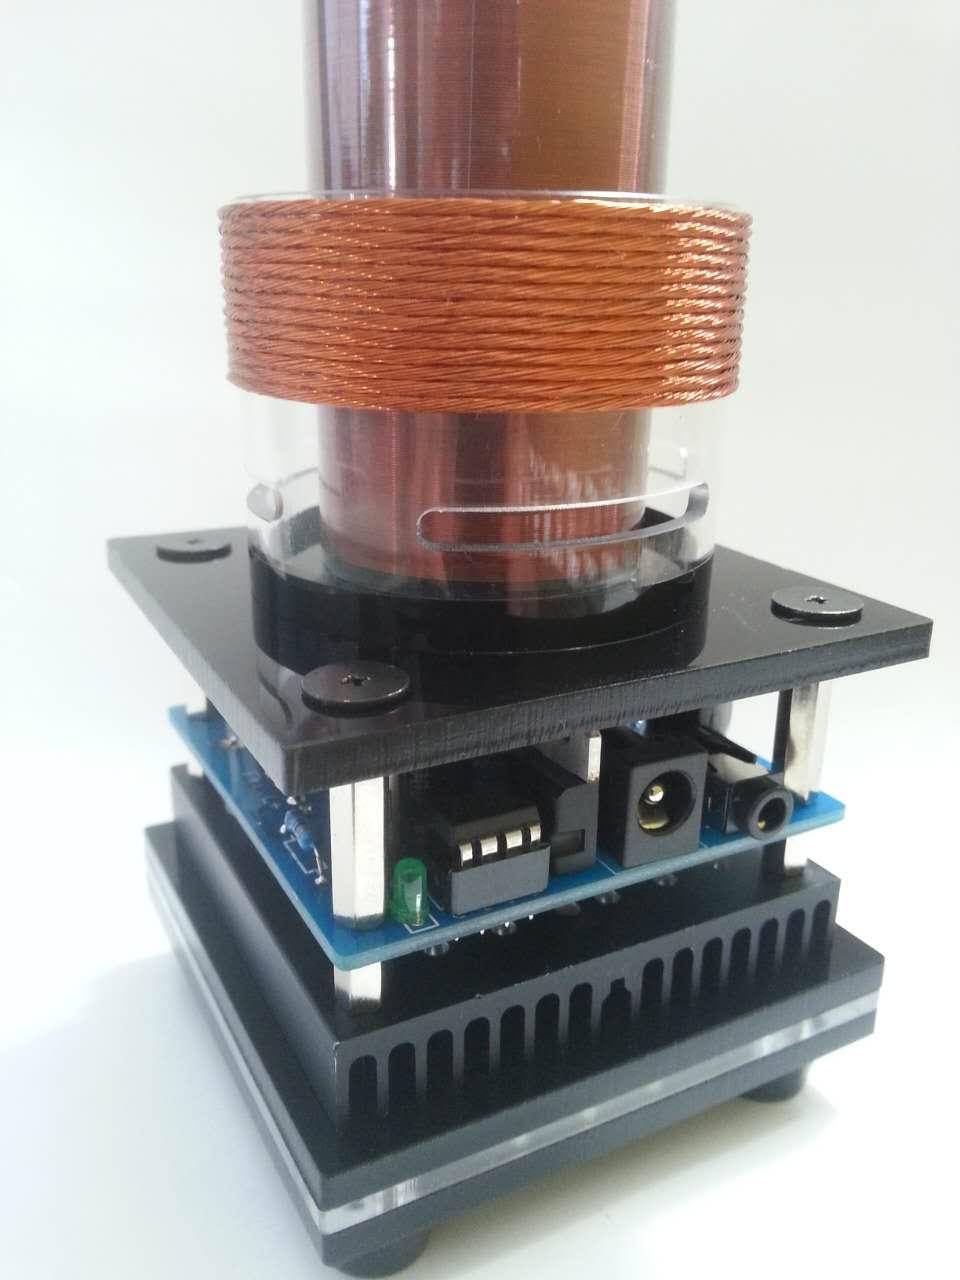 Musique Tesla bobine musique Tesla bobine Plasma haut-parleur - 3